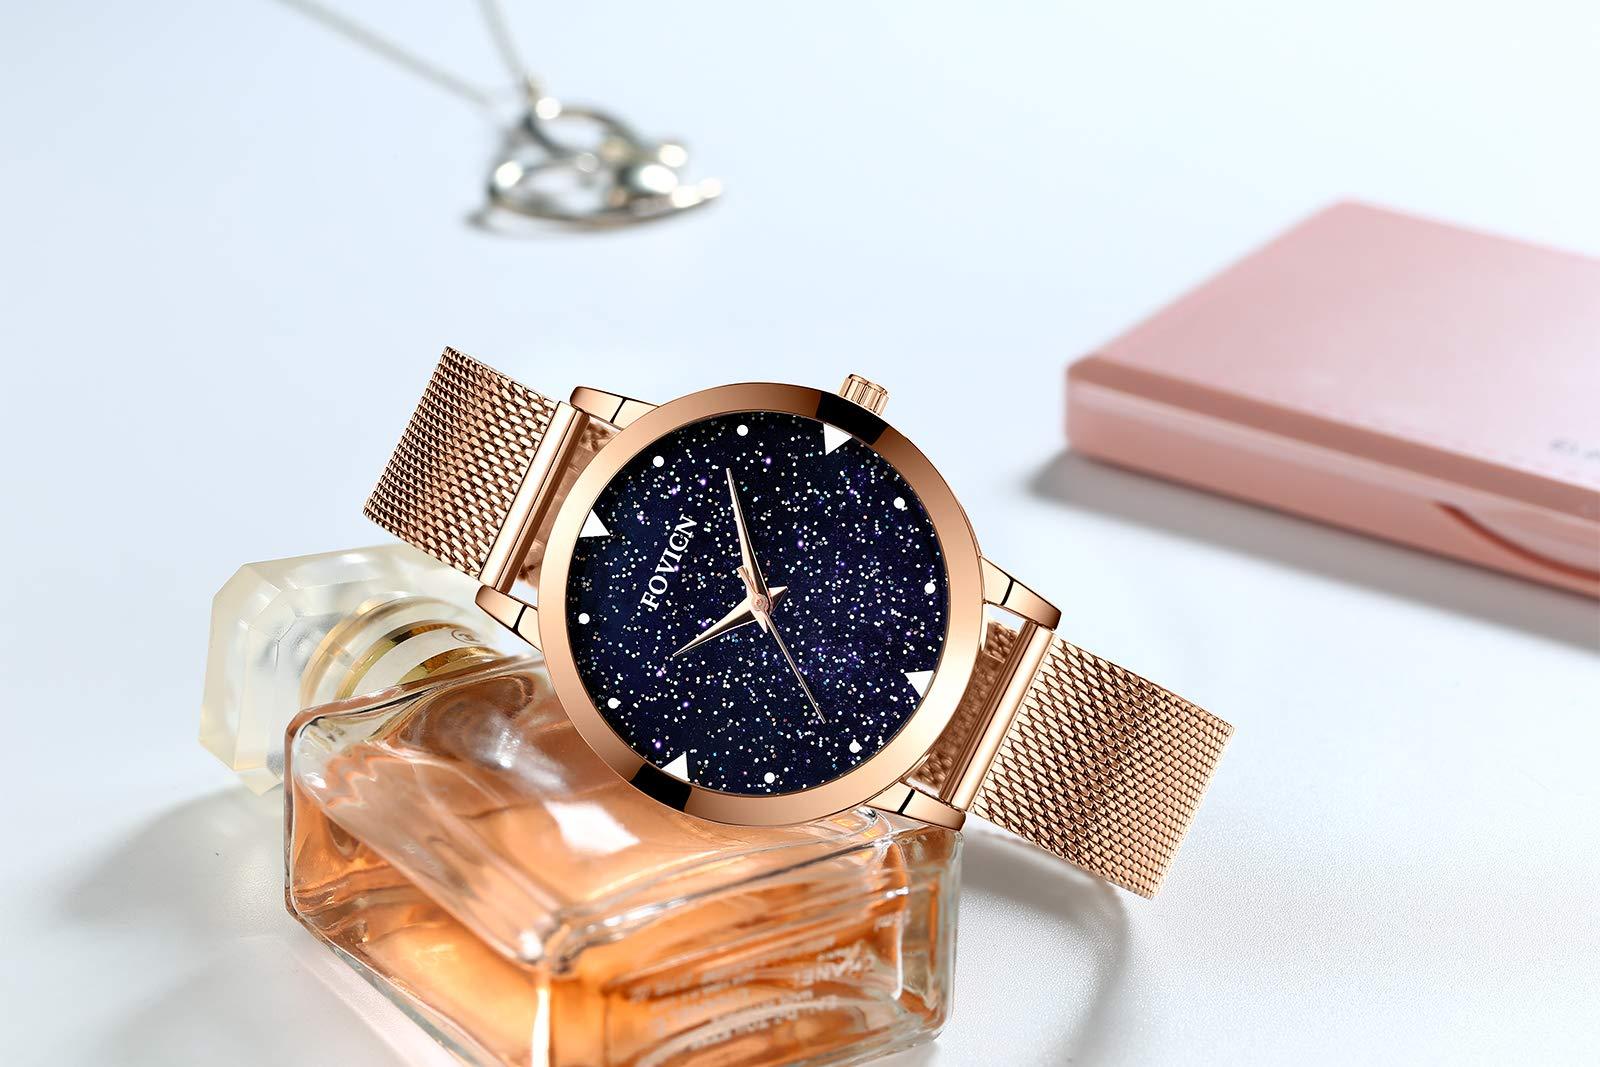 Frauen-Uhr-Frauen-Mode-Luxus-Armbanduhr-Geschfts-beilufiges-Kleid-Wasserdichte-Quarzuhr-und-blauem-Whlen